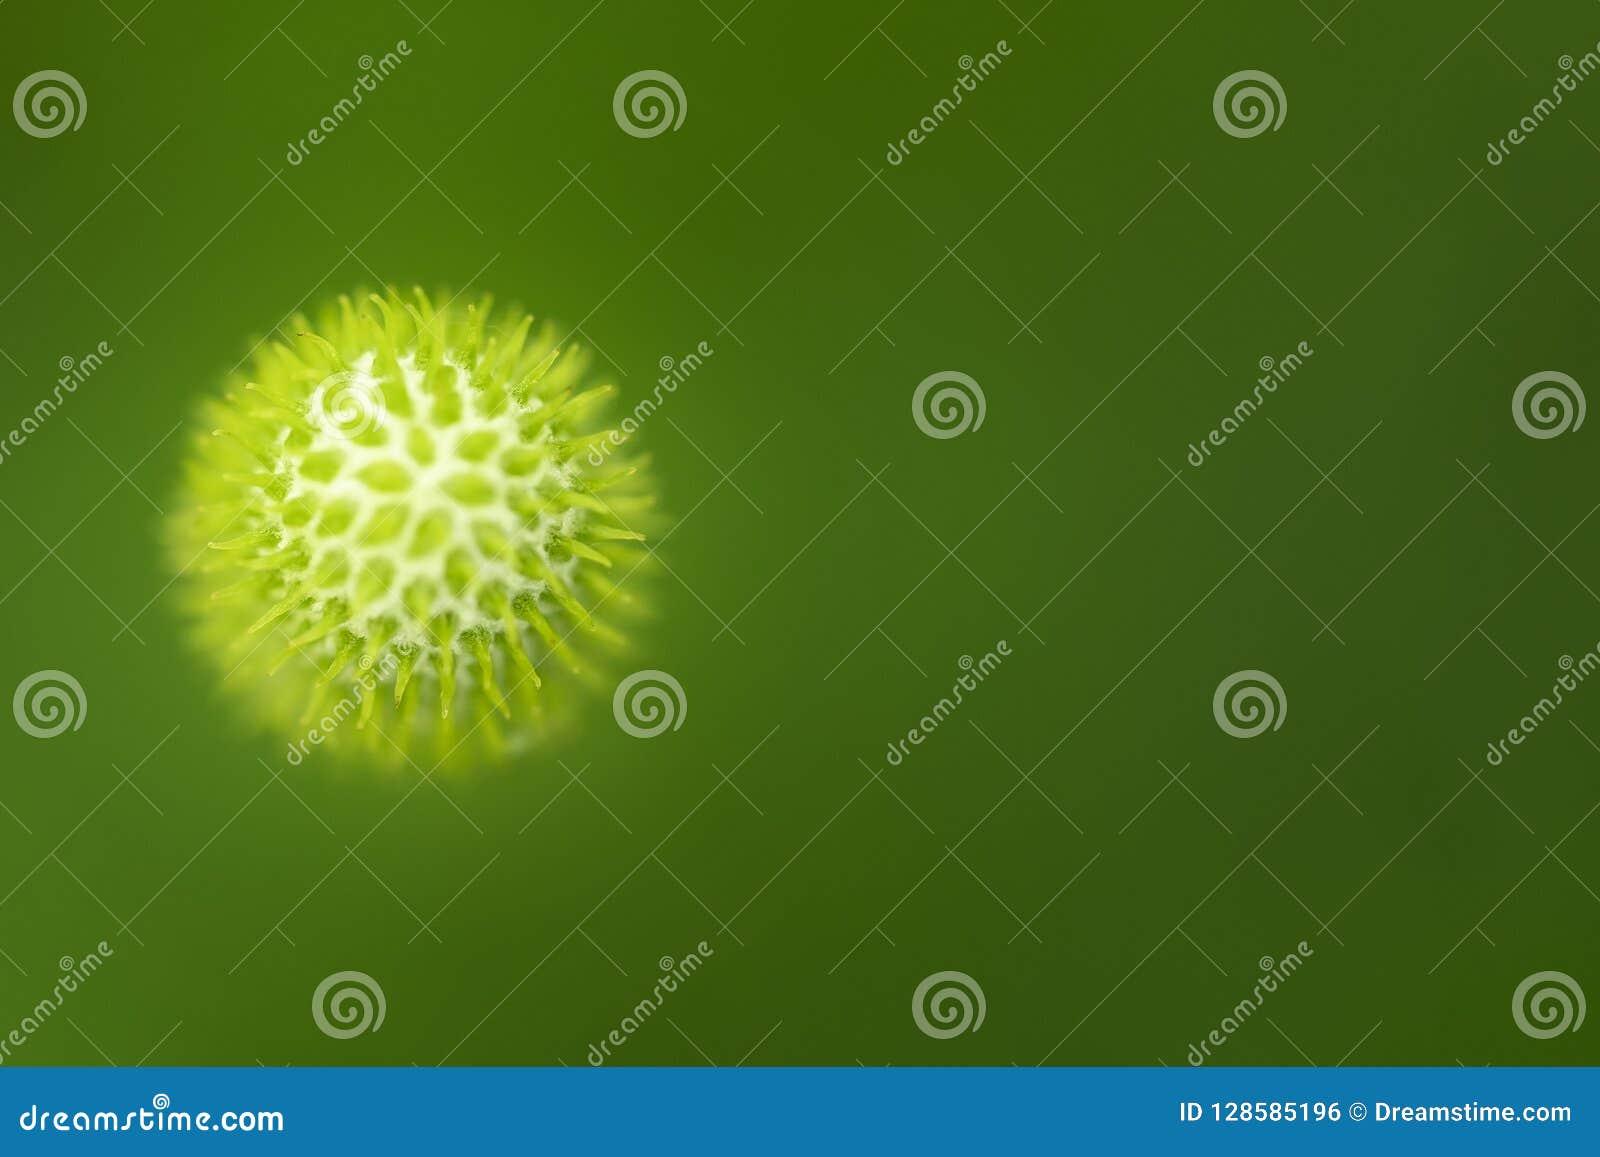 Virus Nahaufnahme einer organischen Zelle auf grünem Hintergrund